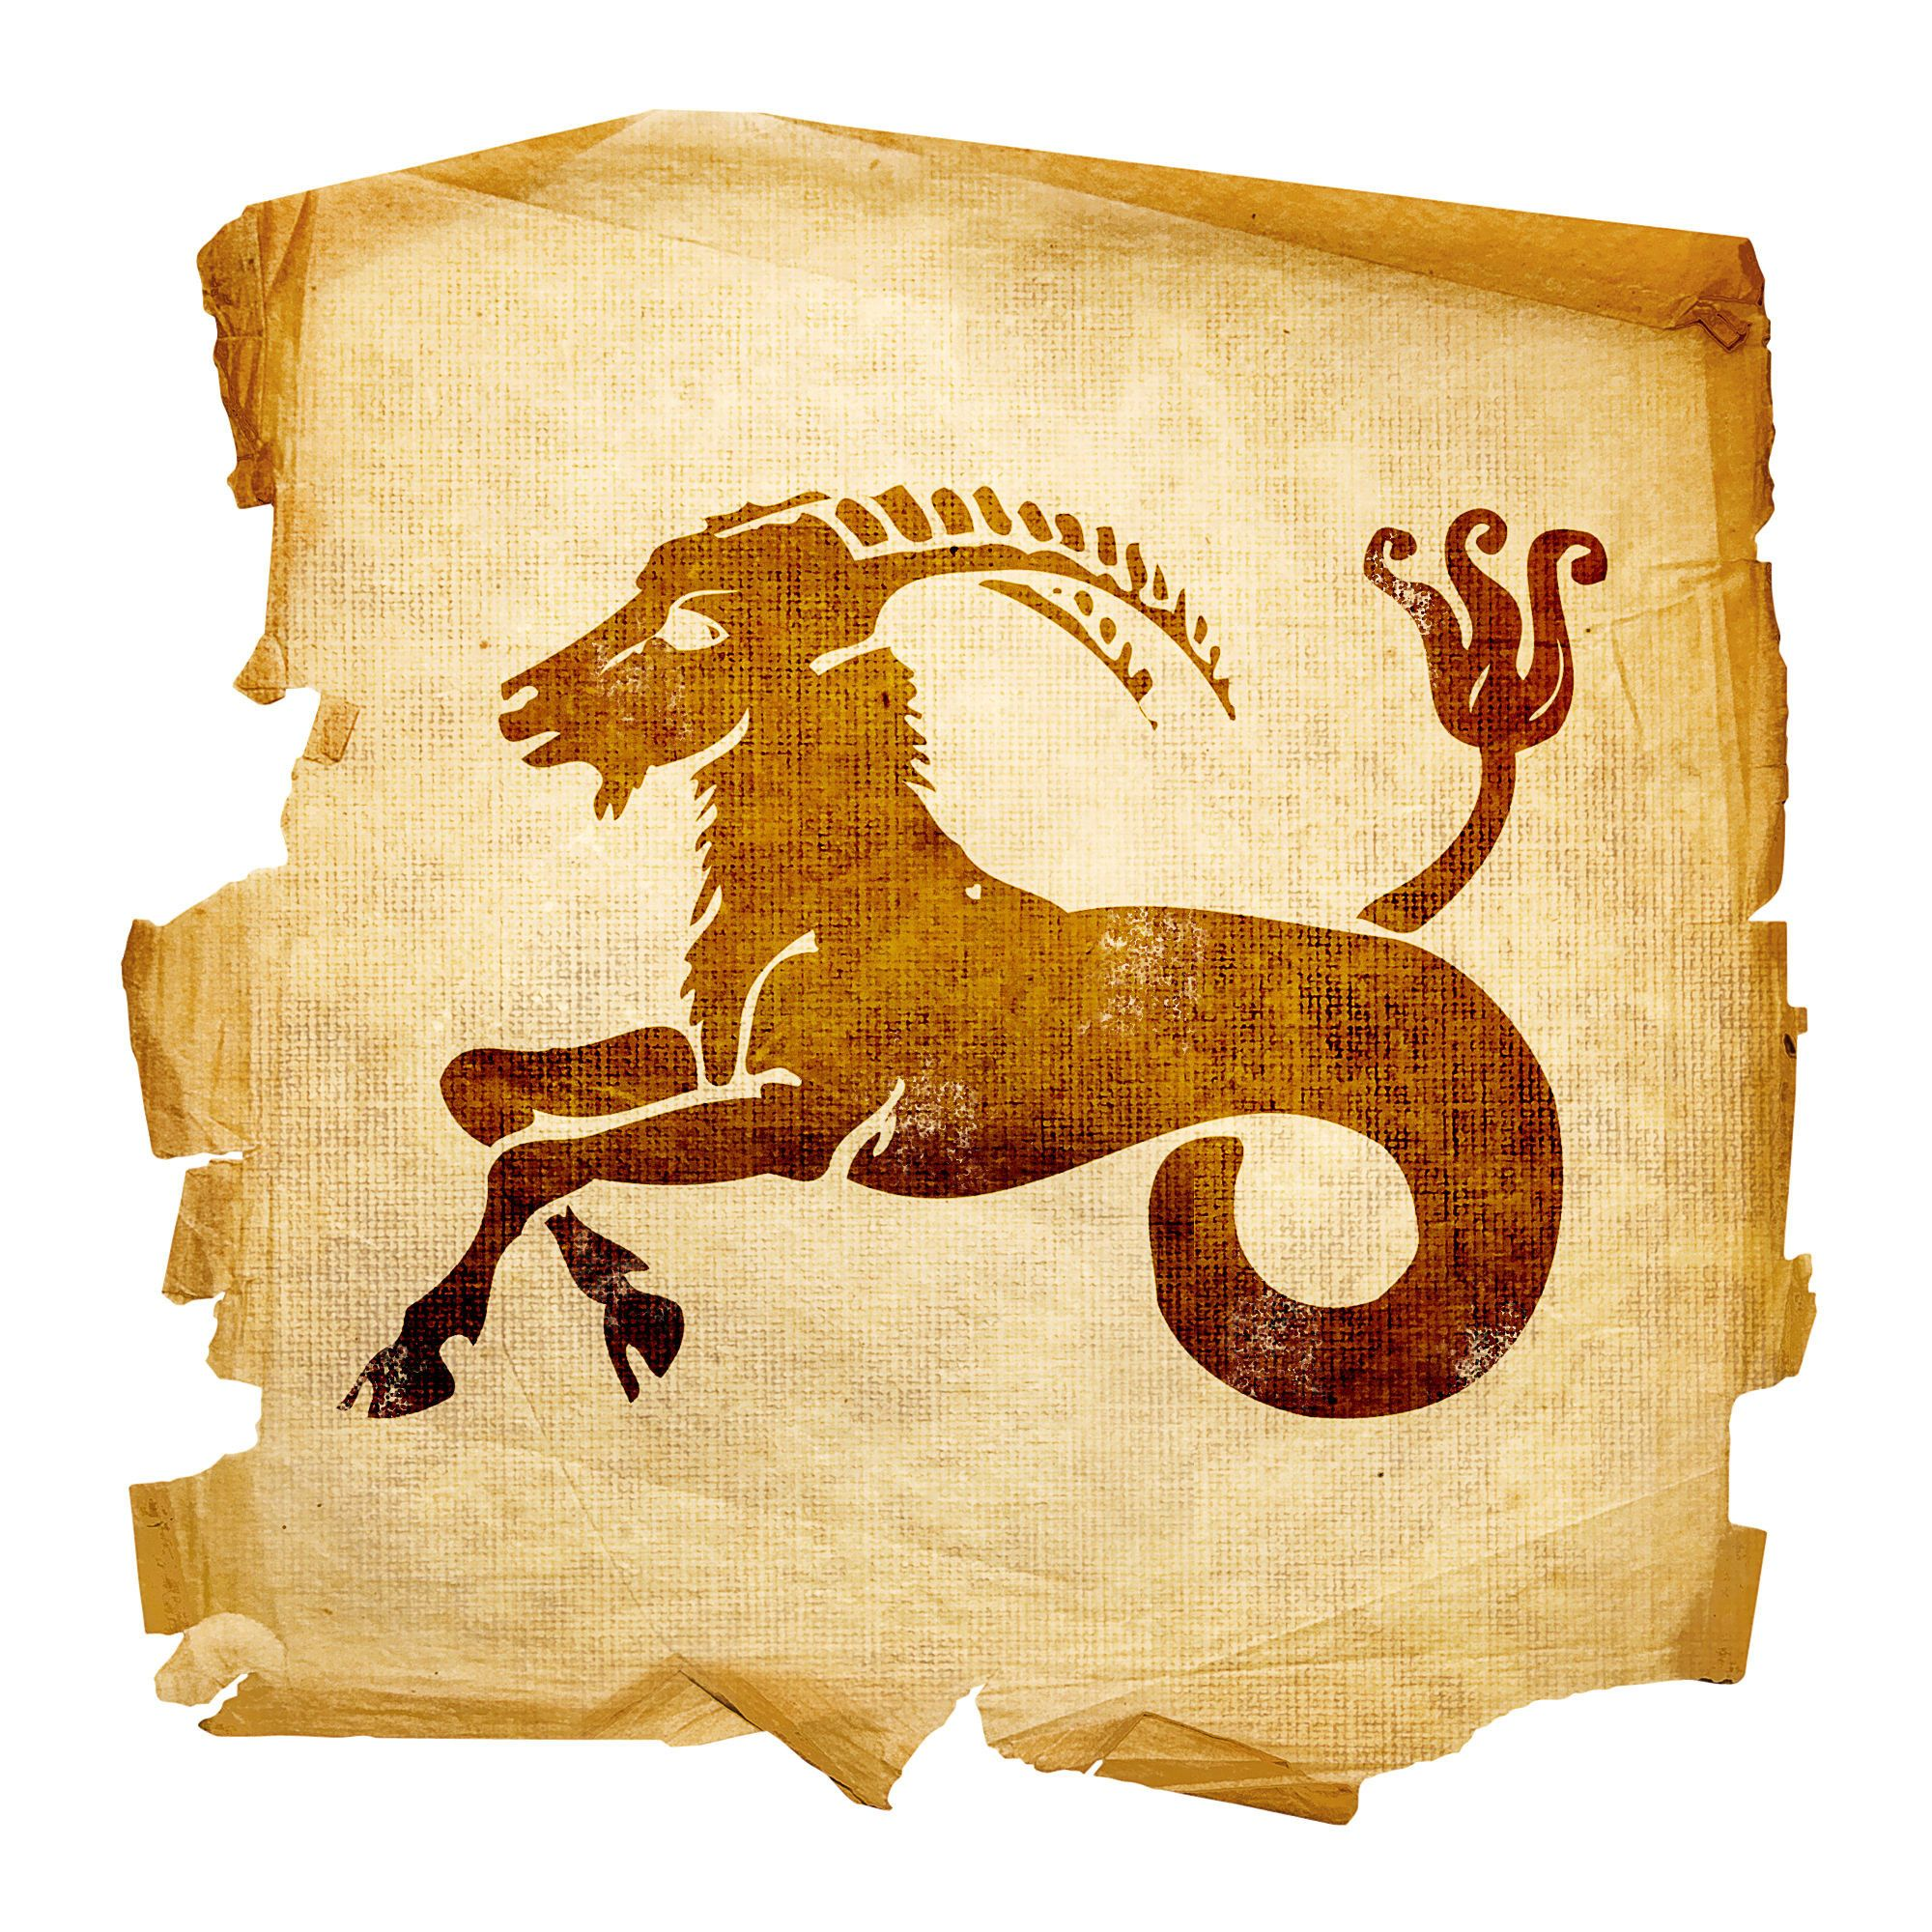 Знаки, гороскоп, гороскоп на сьогодні, гороскоп на сьогодні, знаки зодіаку, 12 знаків зодіаку, гороскоп на завтра, Козеріг, гороскоп на сьогодні Козеріг, астрологічні прогнози_6